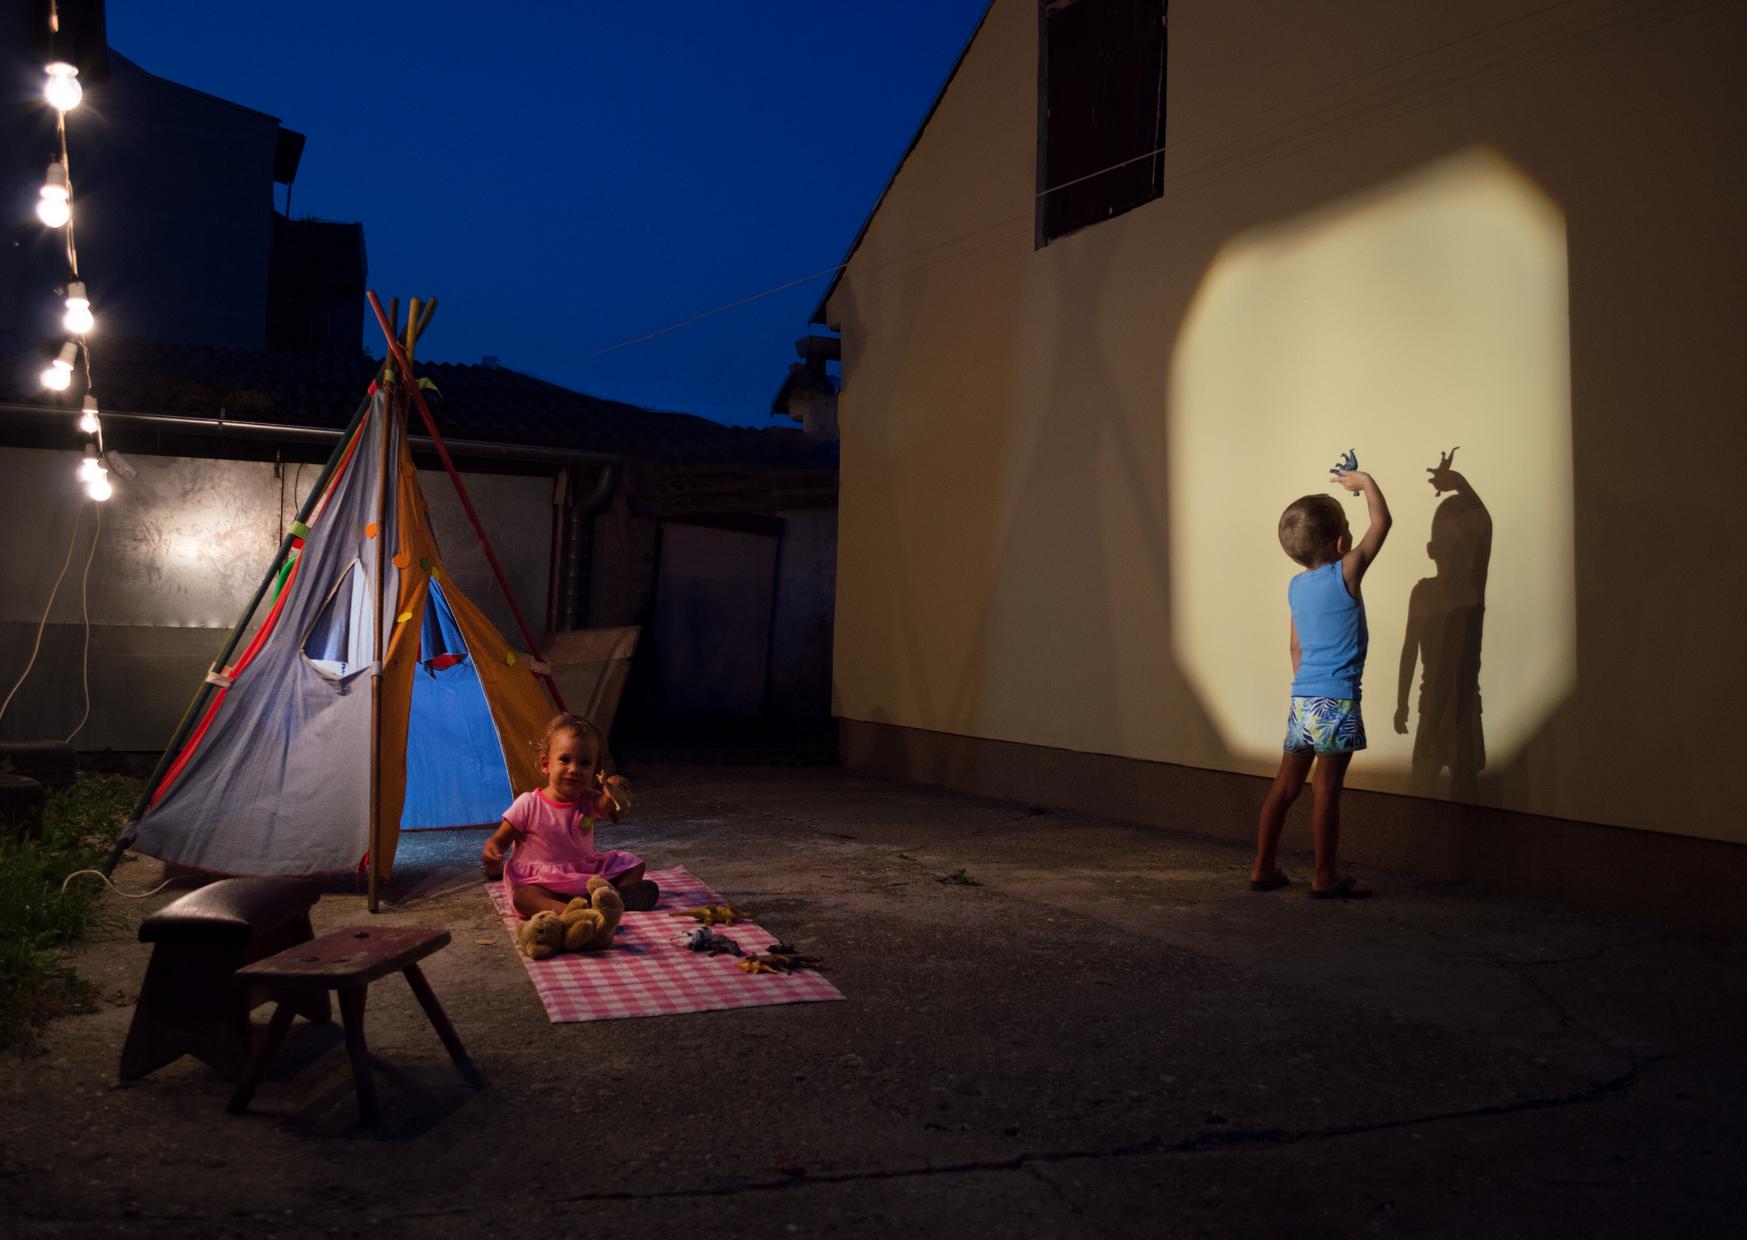 Kids playing shadow in backyard in Fun Things To Do Camping In Your Backyard